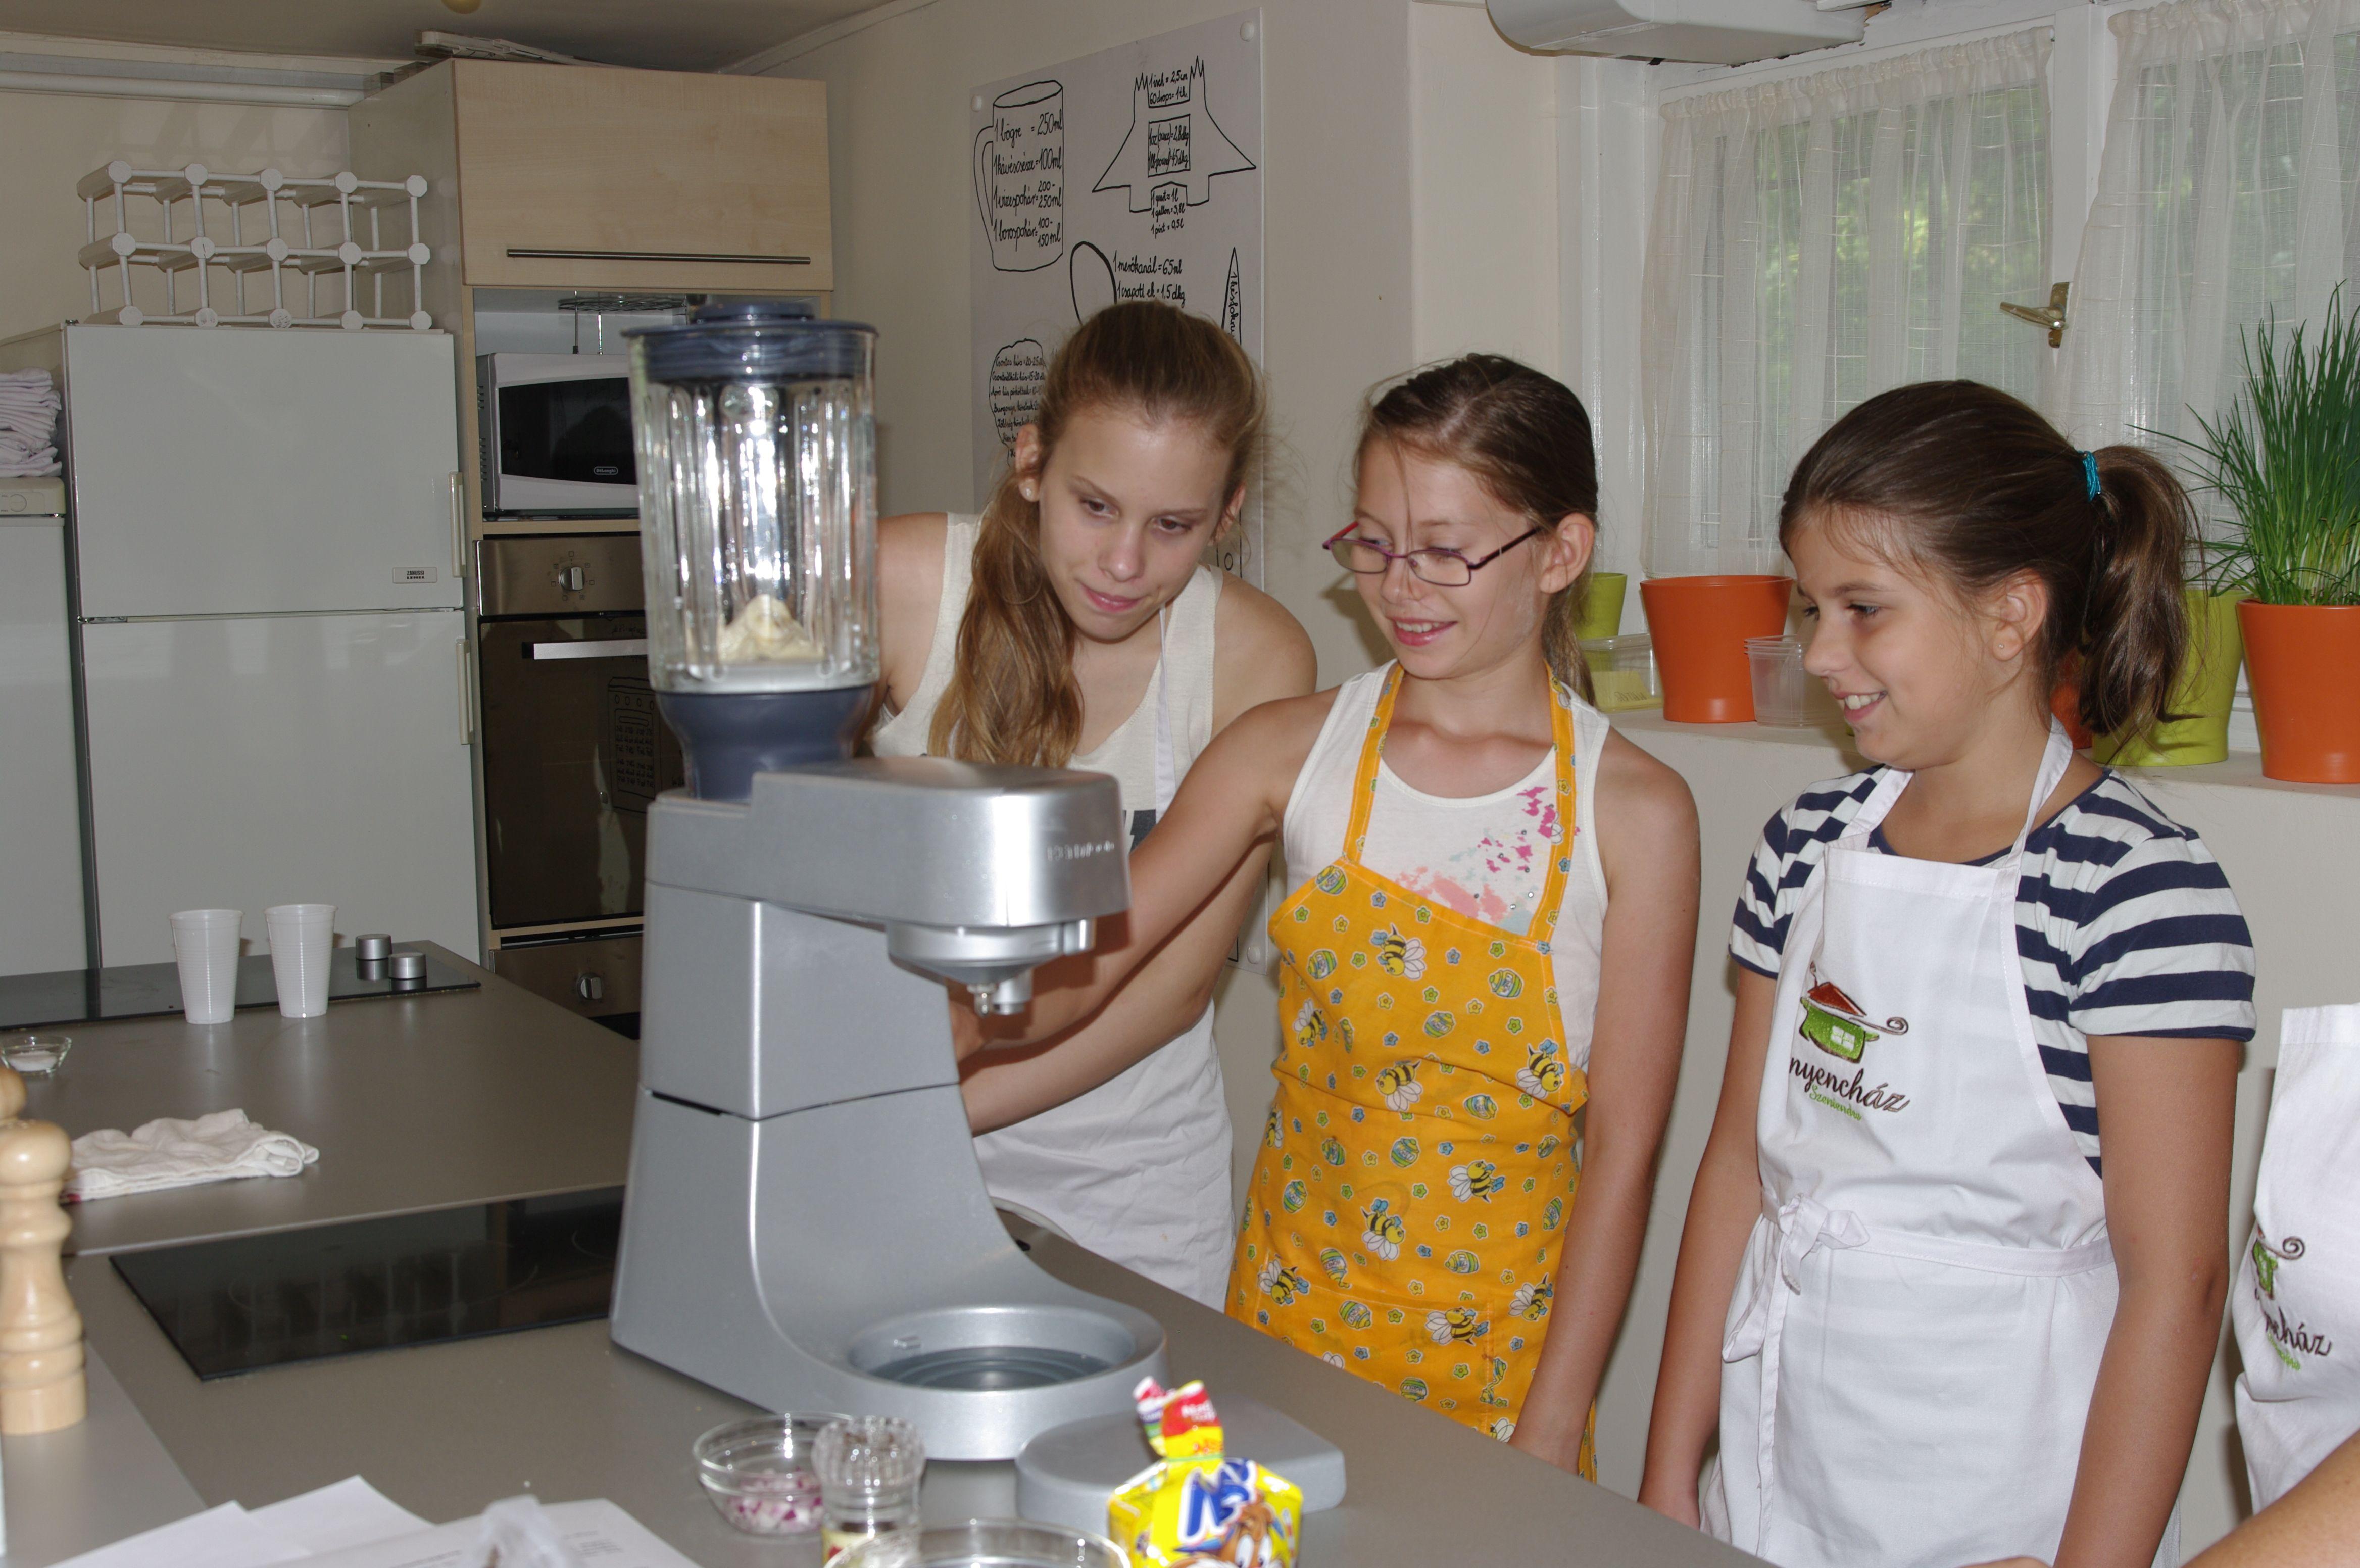 Fantasztikus gyermek főzőtáborok után újra izgalmas gasztro-kurzusok az Ínyencházban